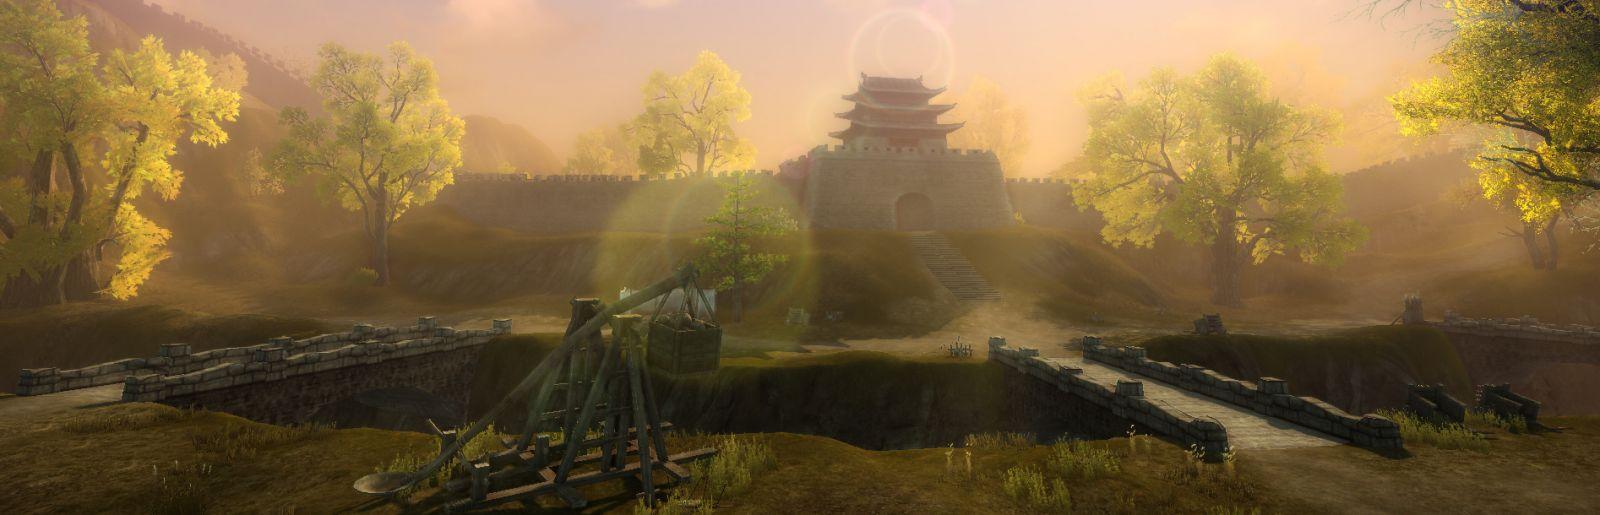 Age of Wulin / Wushu / 9yin Guide: Random Encounters